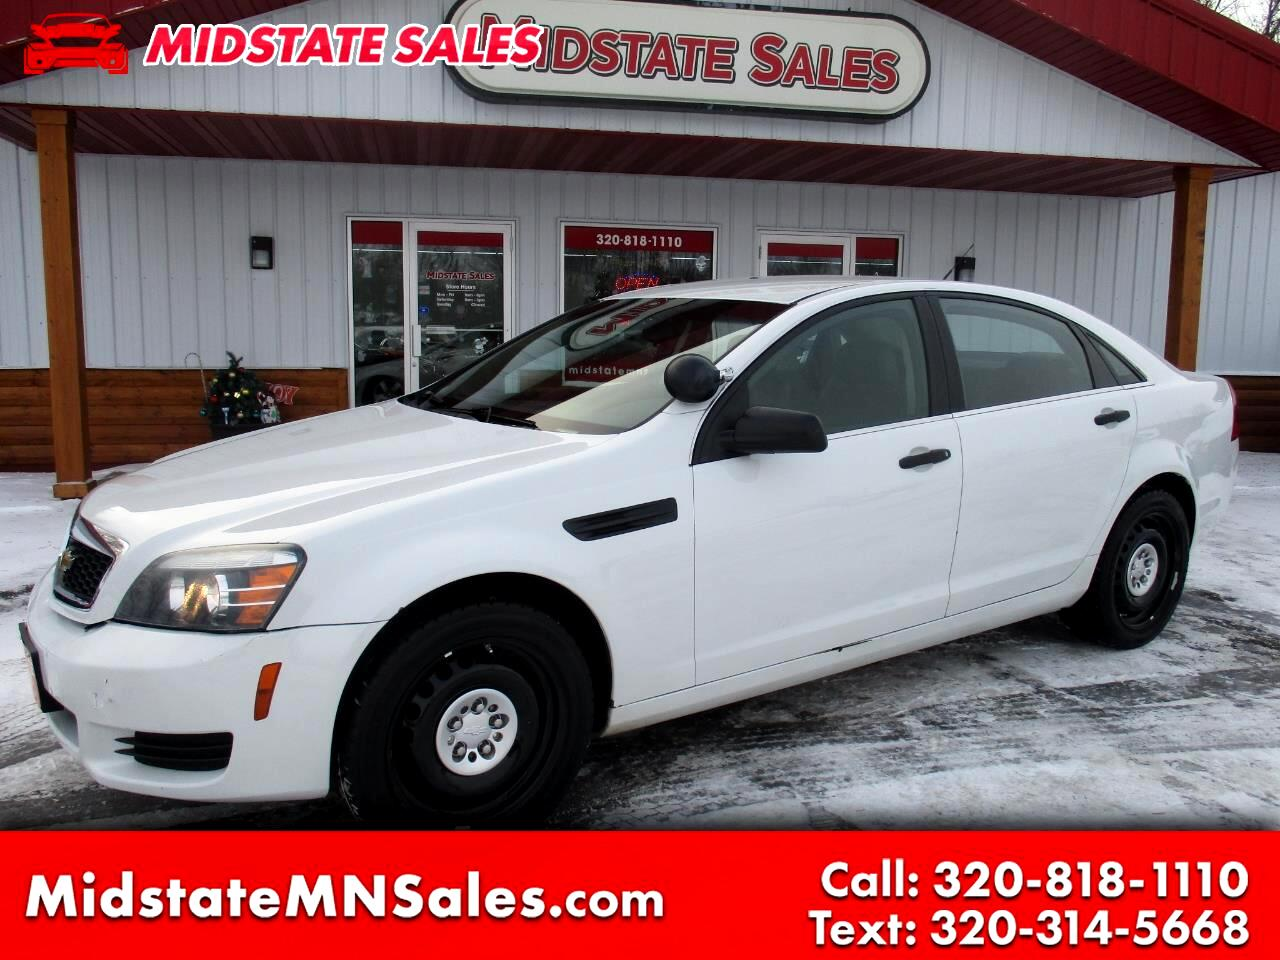 2012 Chevrolet Caprice Police Patrol Vehicle 4dr Sdn Police